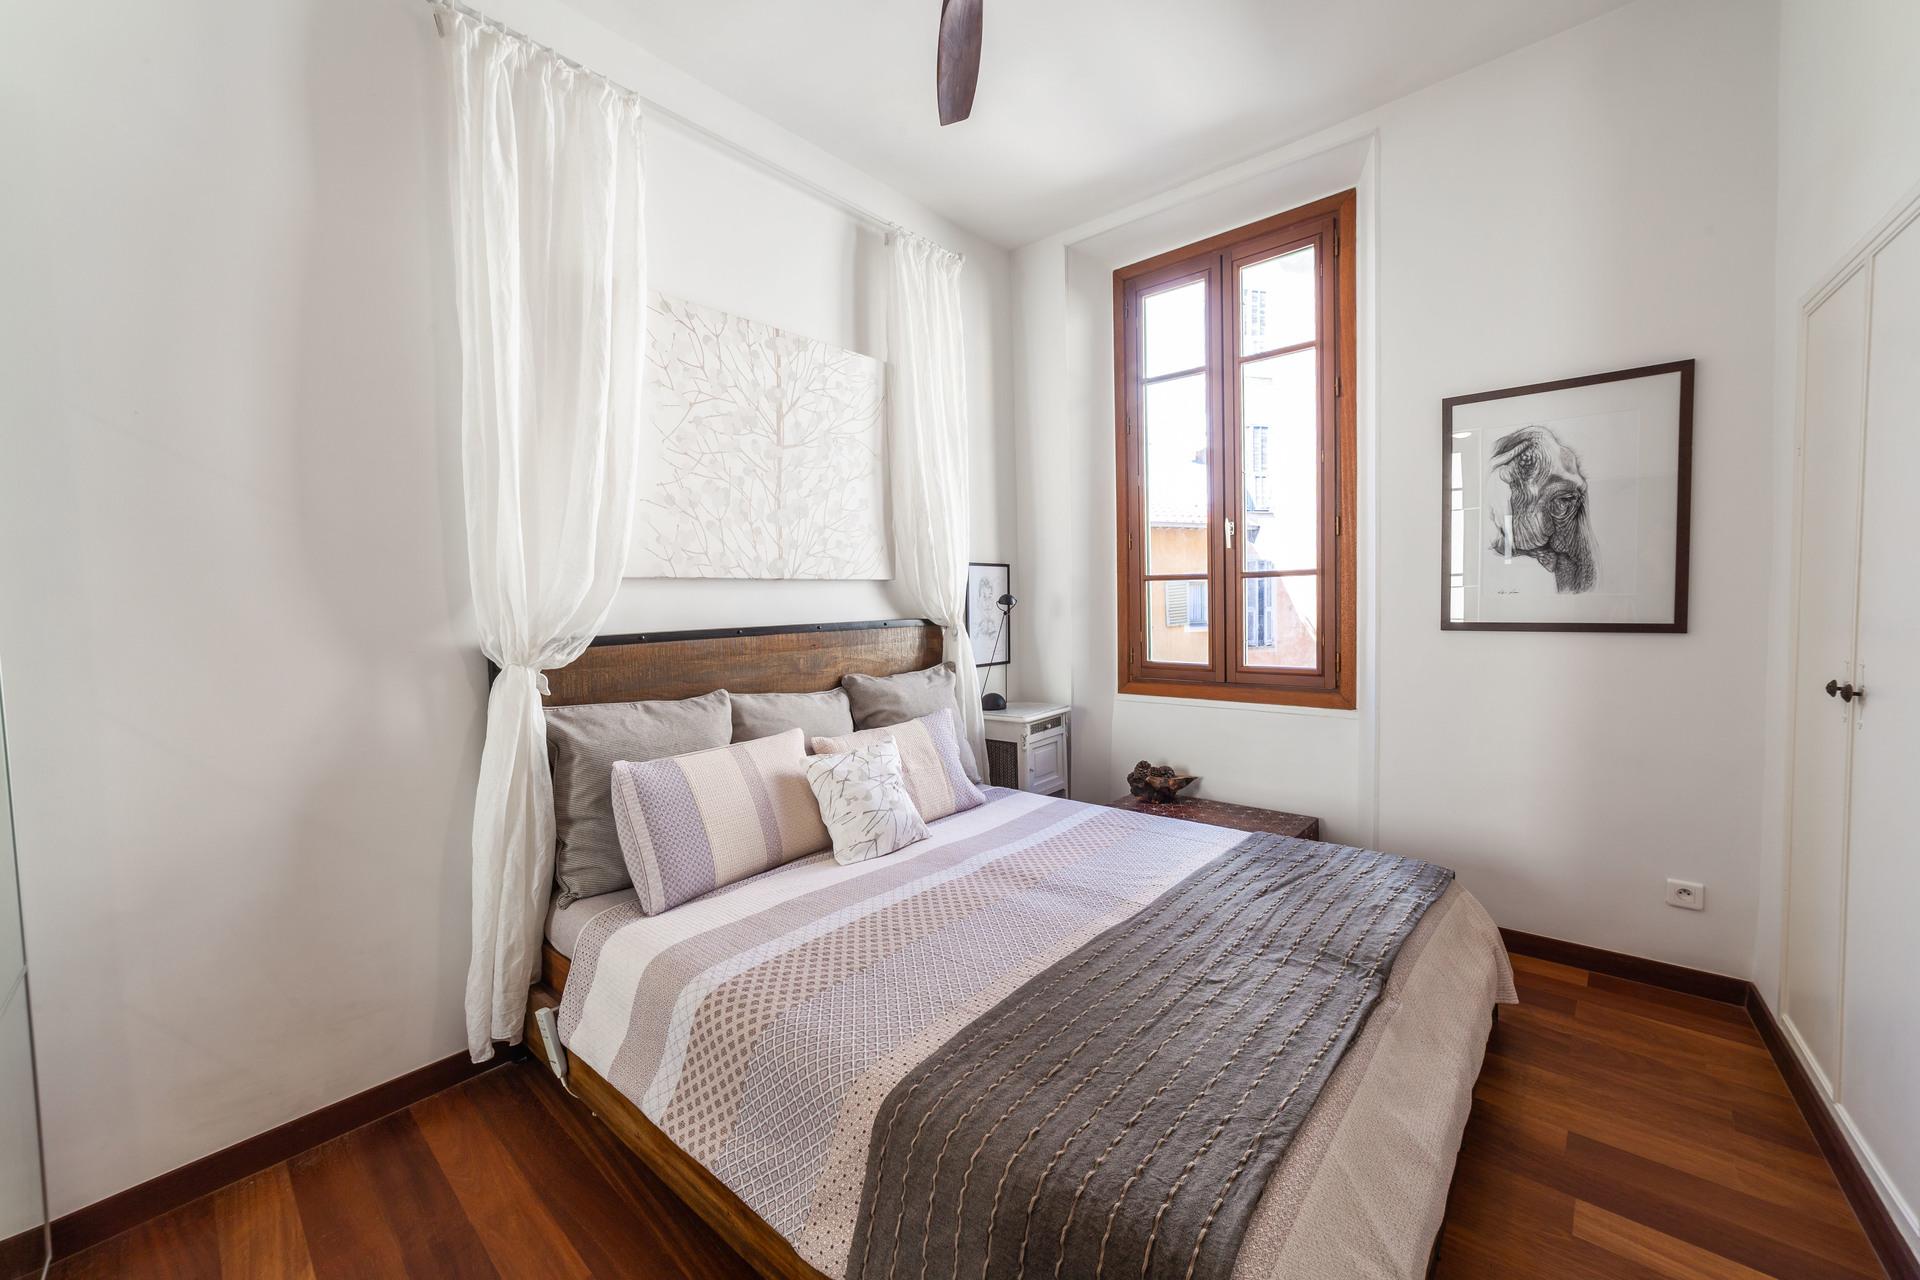 Vente Appartement 74 m² T3 06300_7